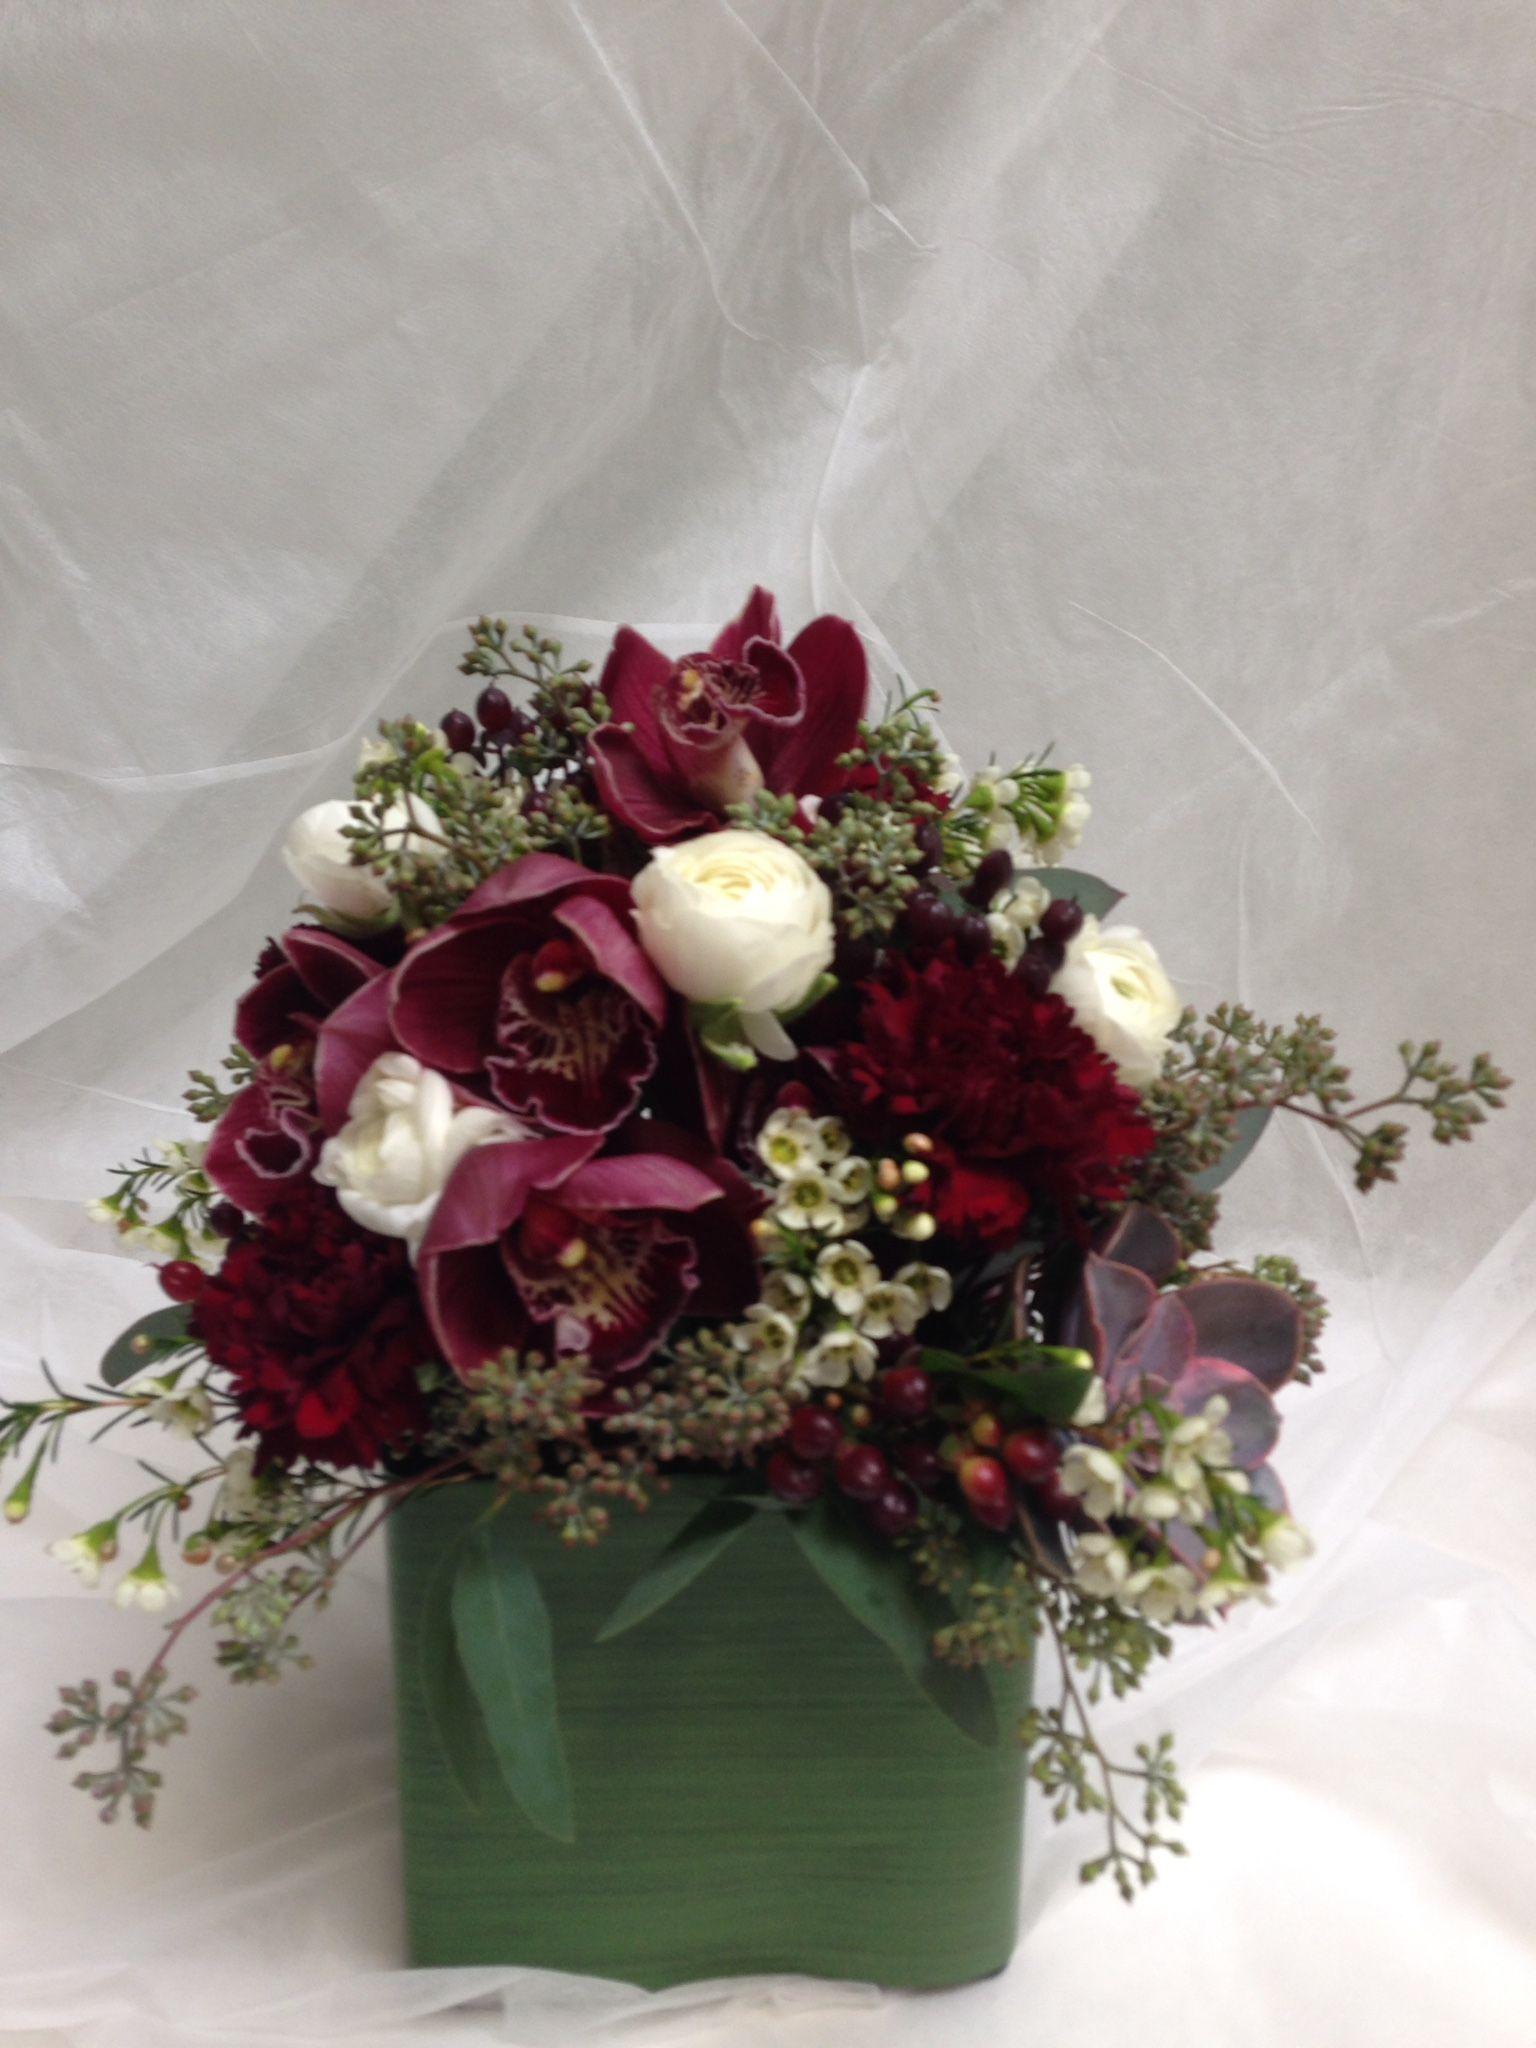 Marsala centerpiece wine burgundy crimson orchids